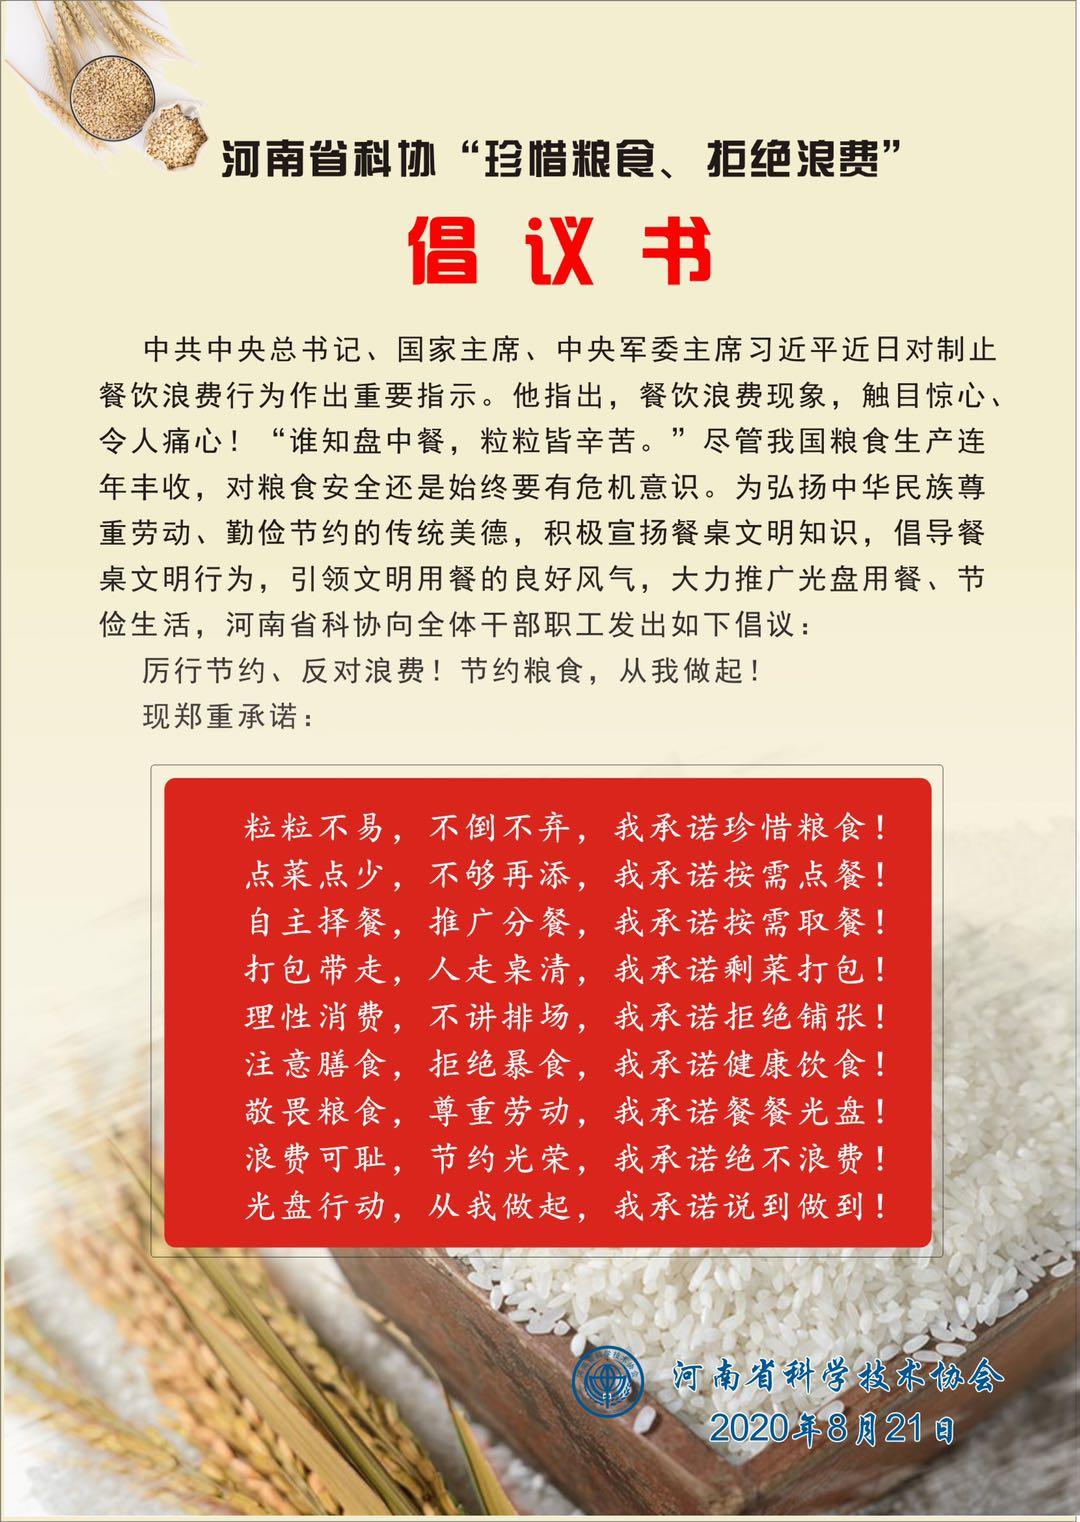 """省科协发出""""反对浪费,尊重劳动""""倡议书"""